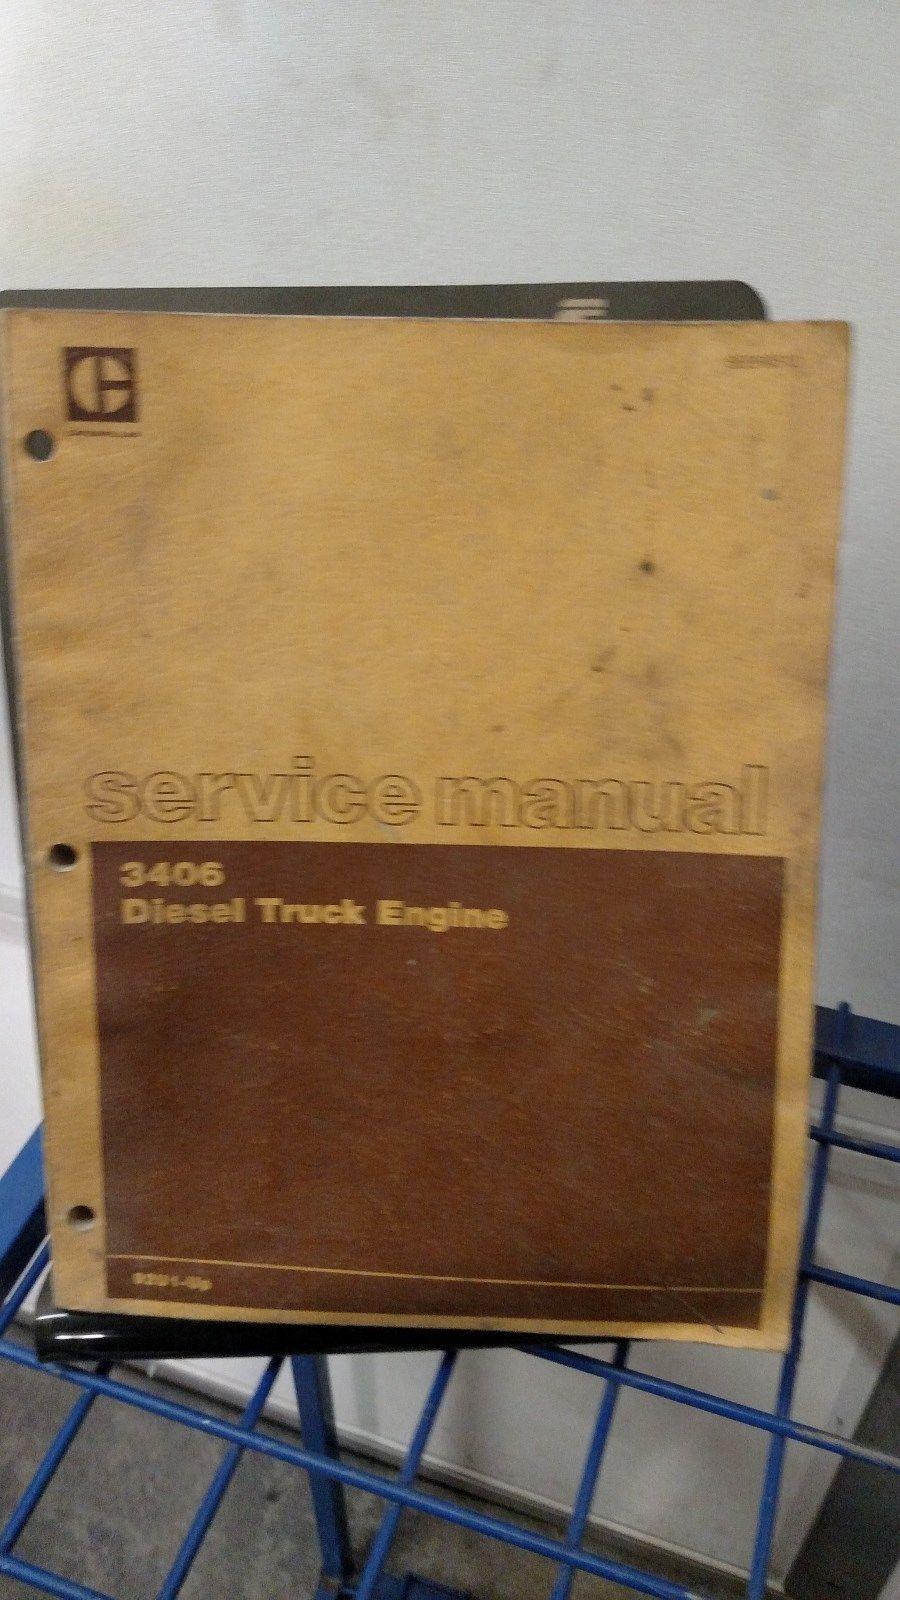 3406 caterpillar service manual